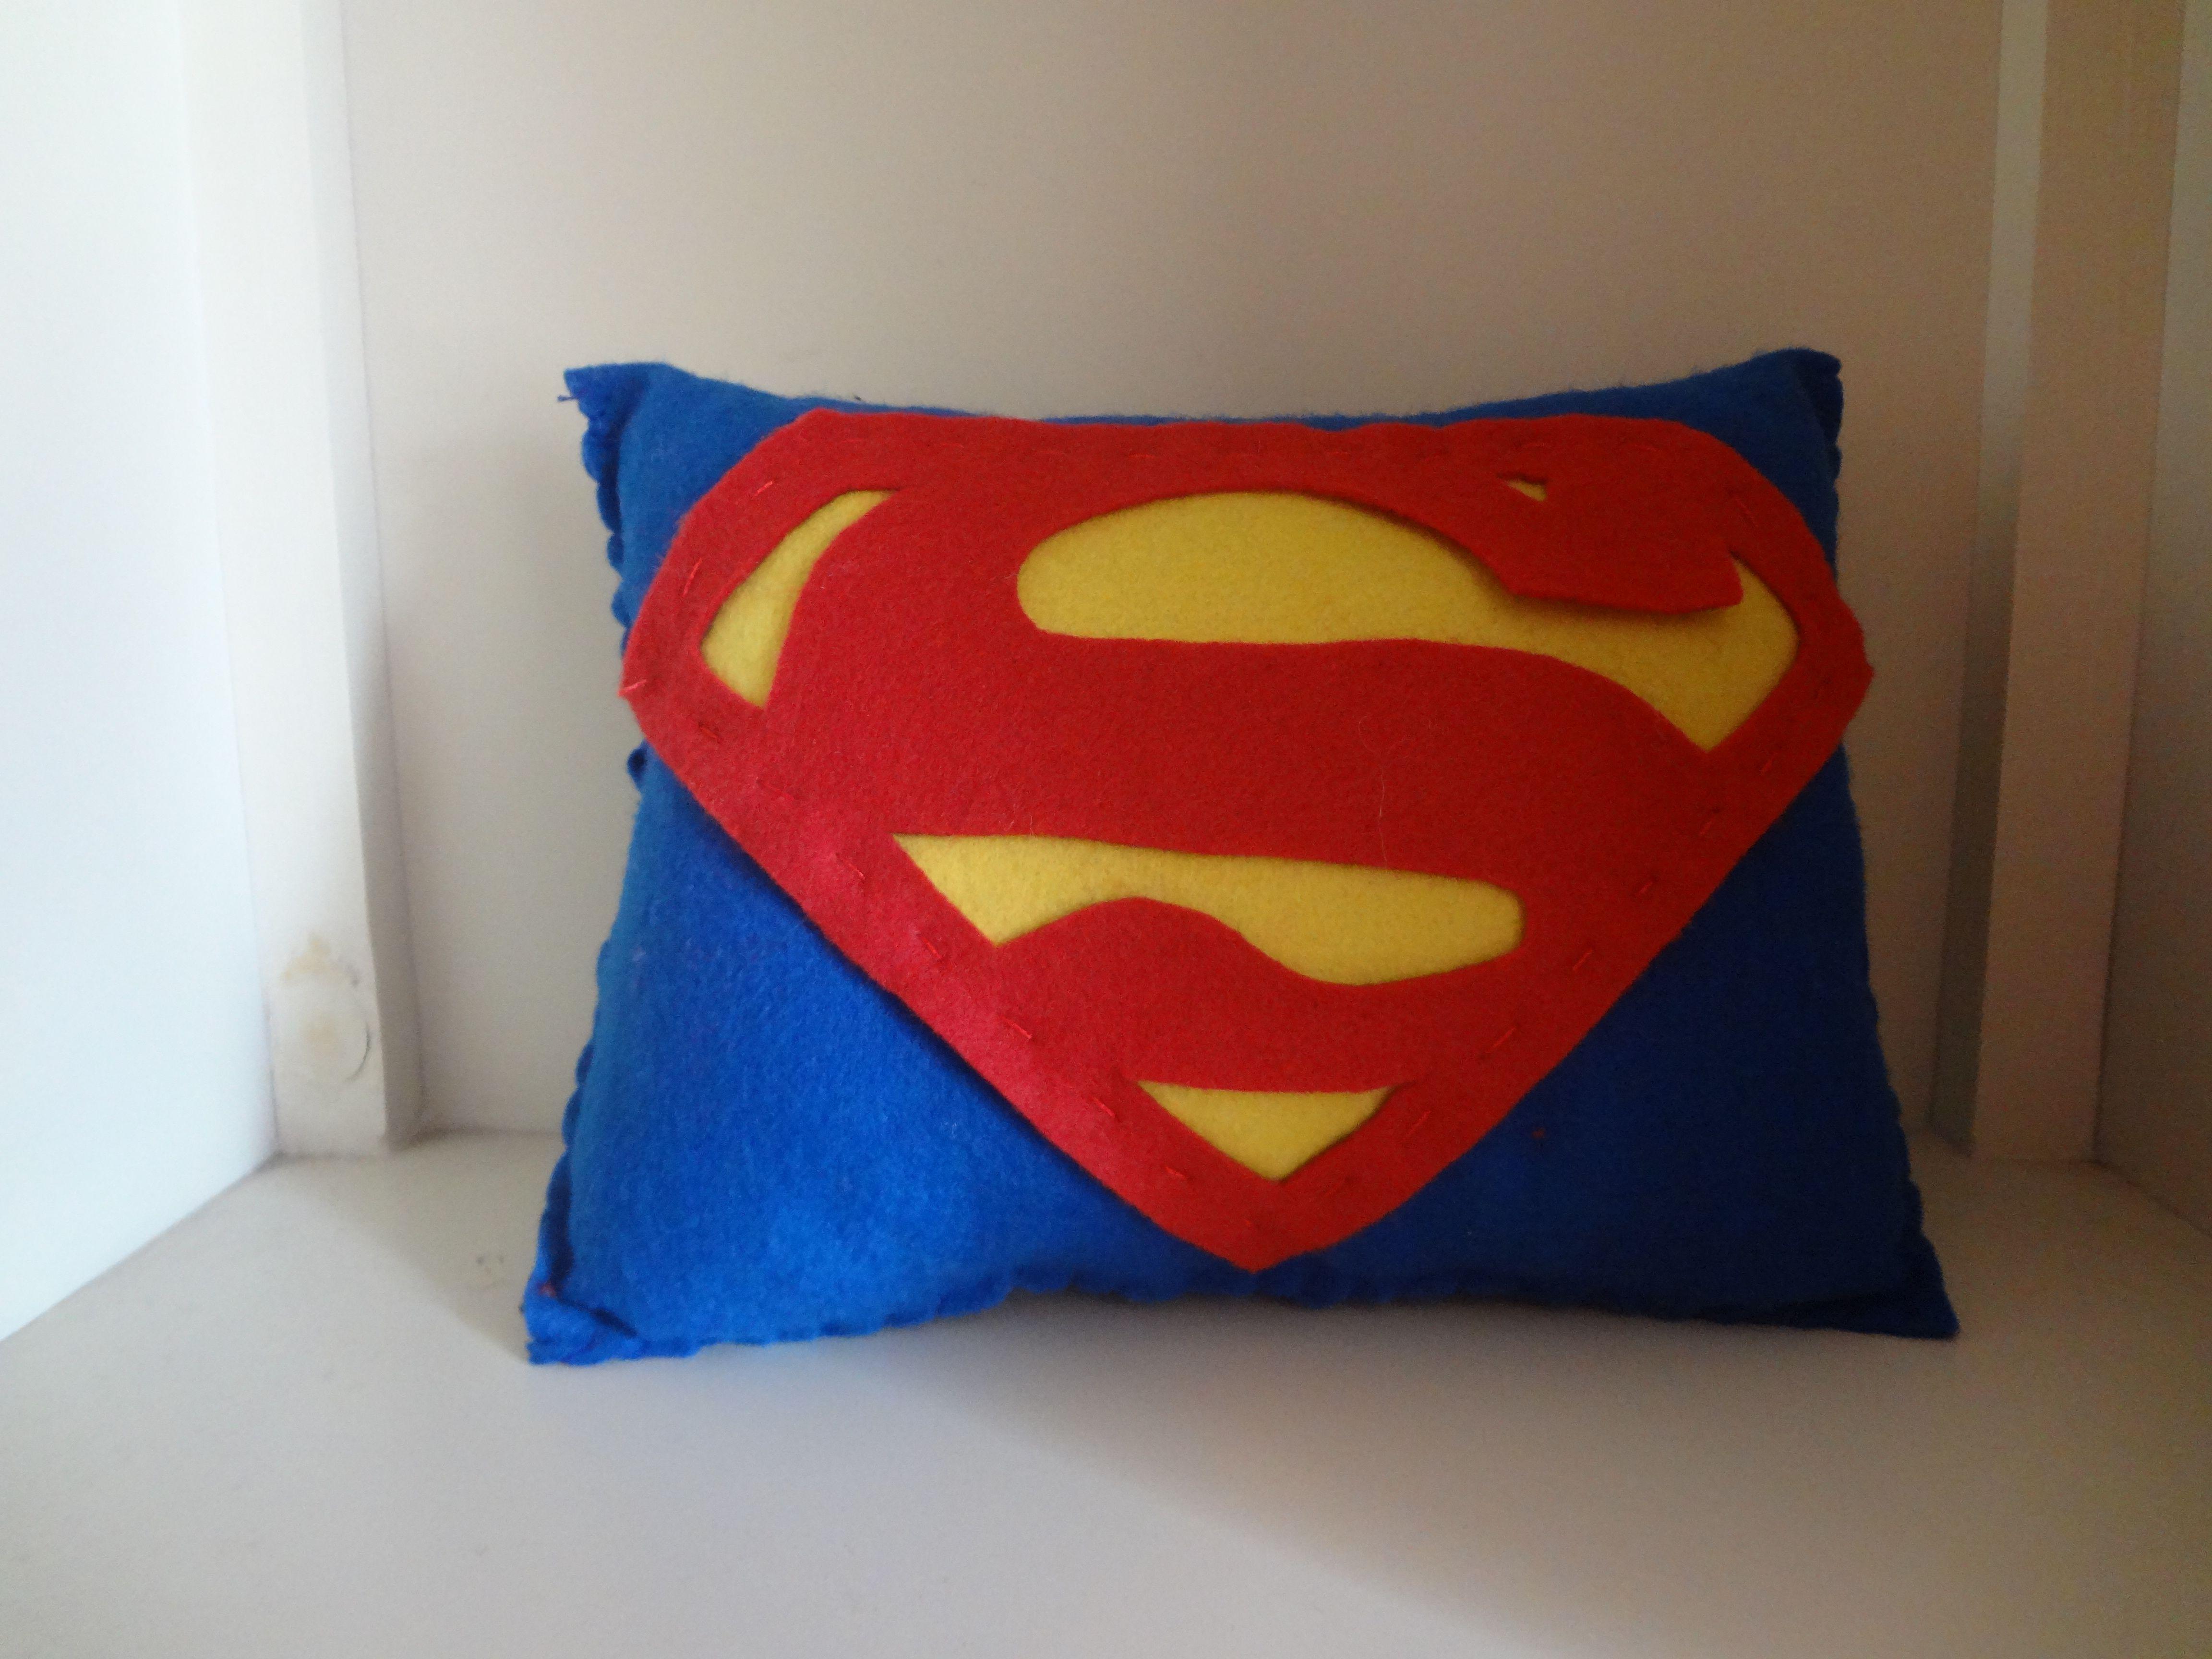 Hacer Cojines Fieltro.Cojin De Superman De Fieltro Plushies Diy Munecos De